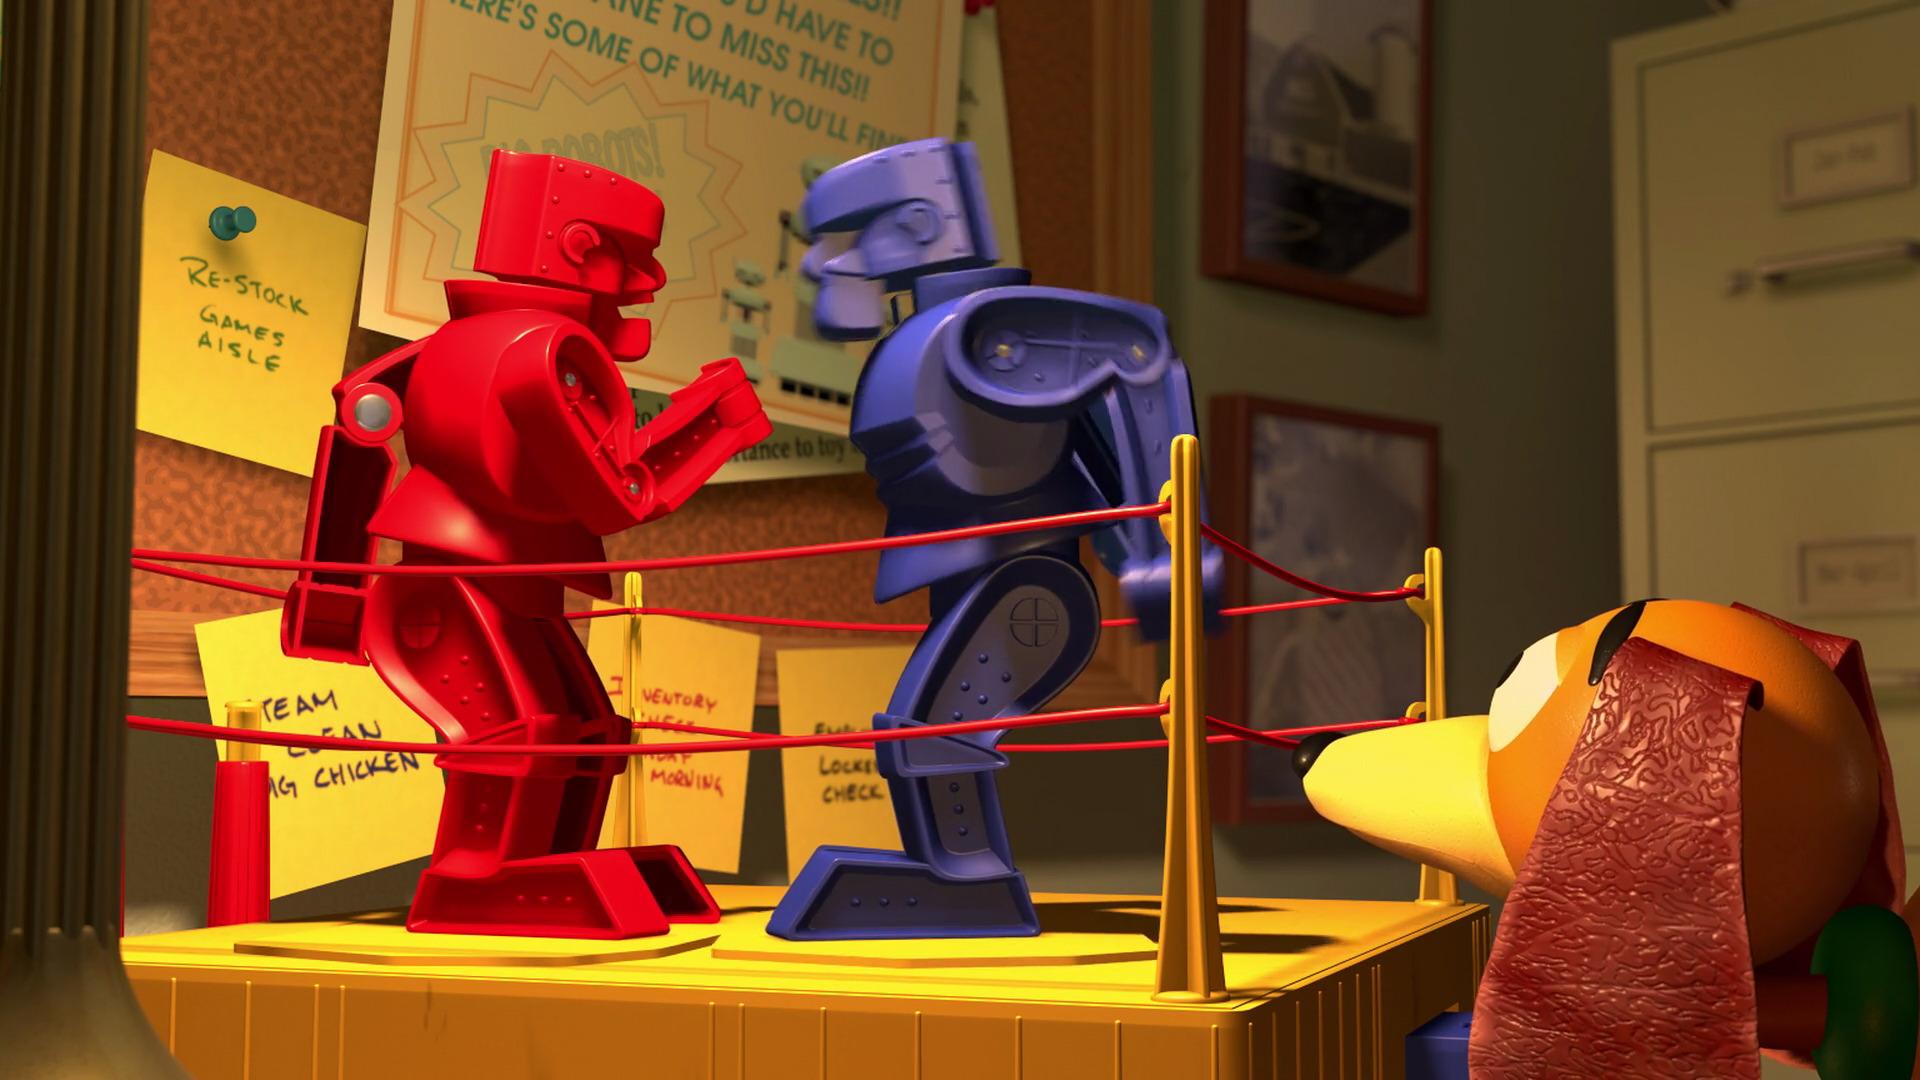 rock-em-sock-em-robots-personnage-toy-story-2-02